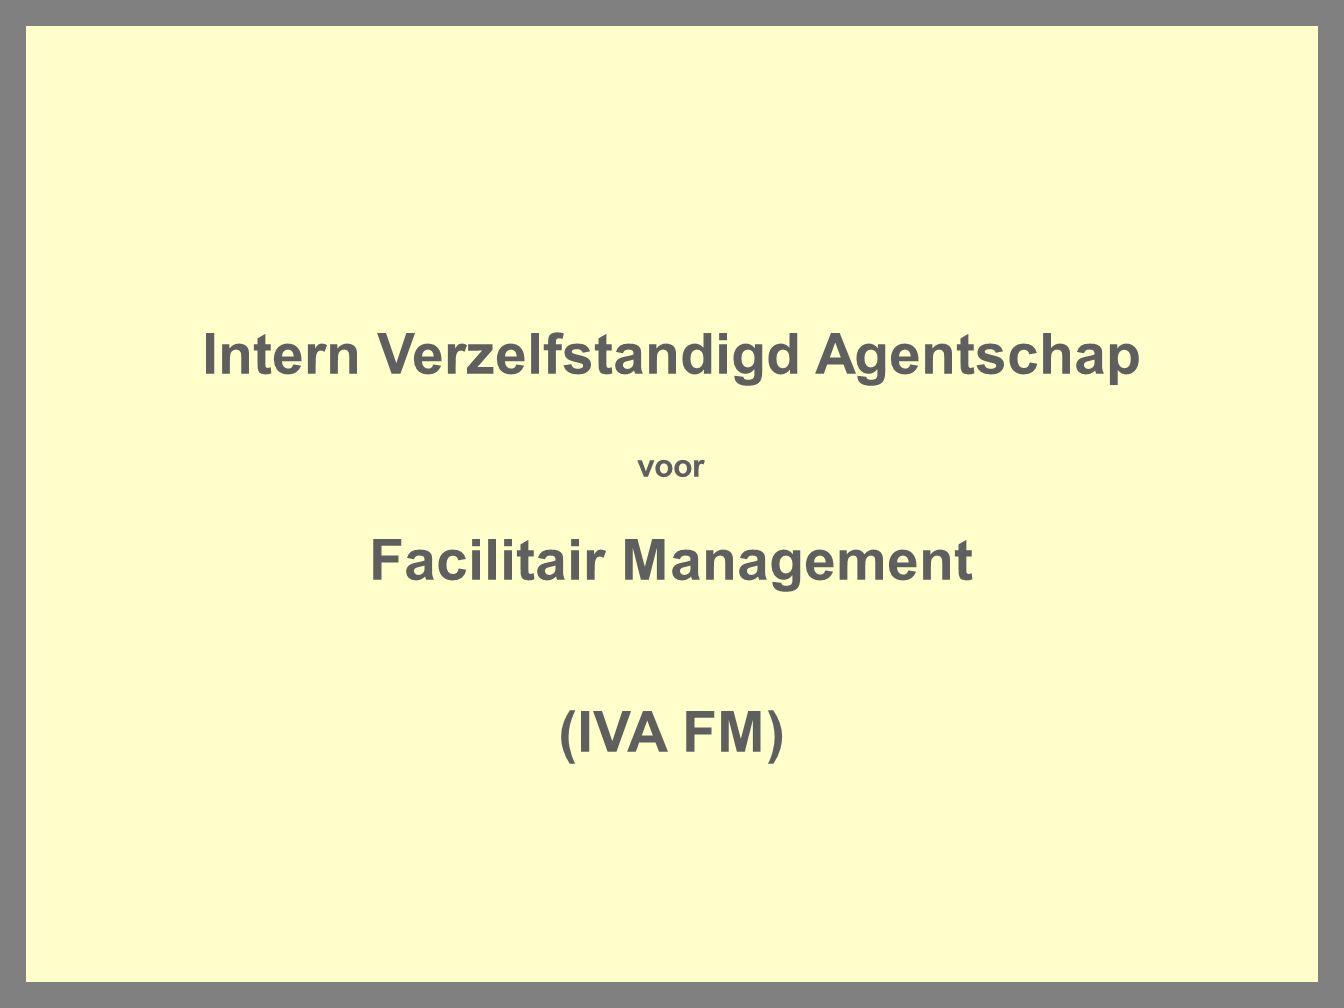 Intern Verzelfstandigd Agentschap voor Facilitair Management (IVA FM)